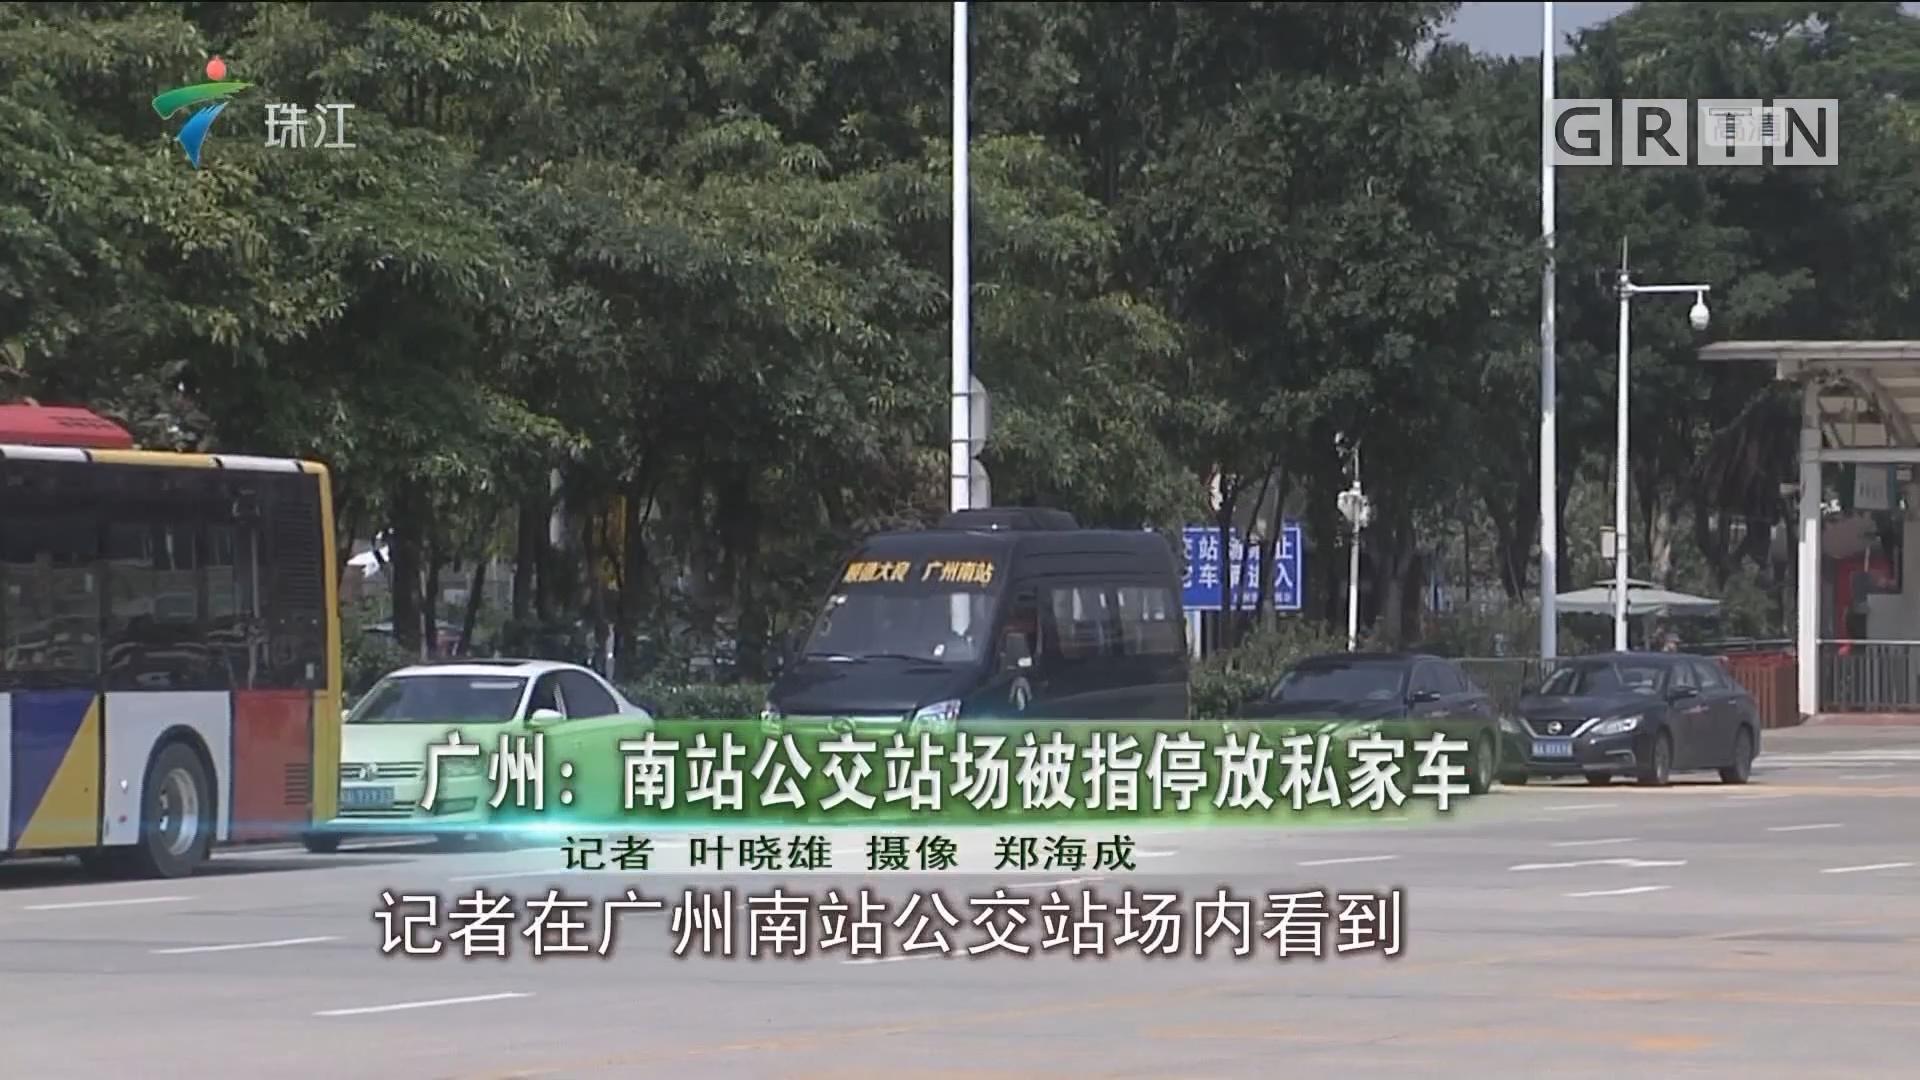 广州:南站公交站场被指停放私家车